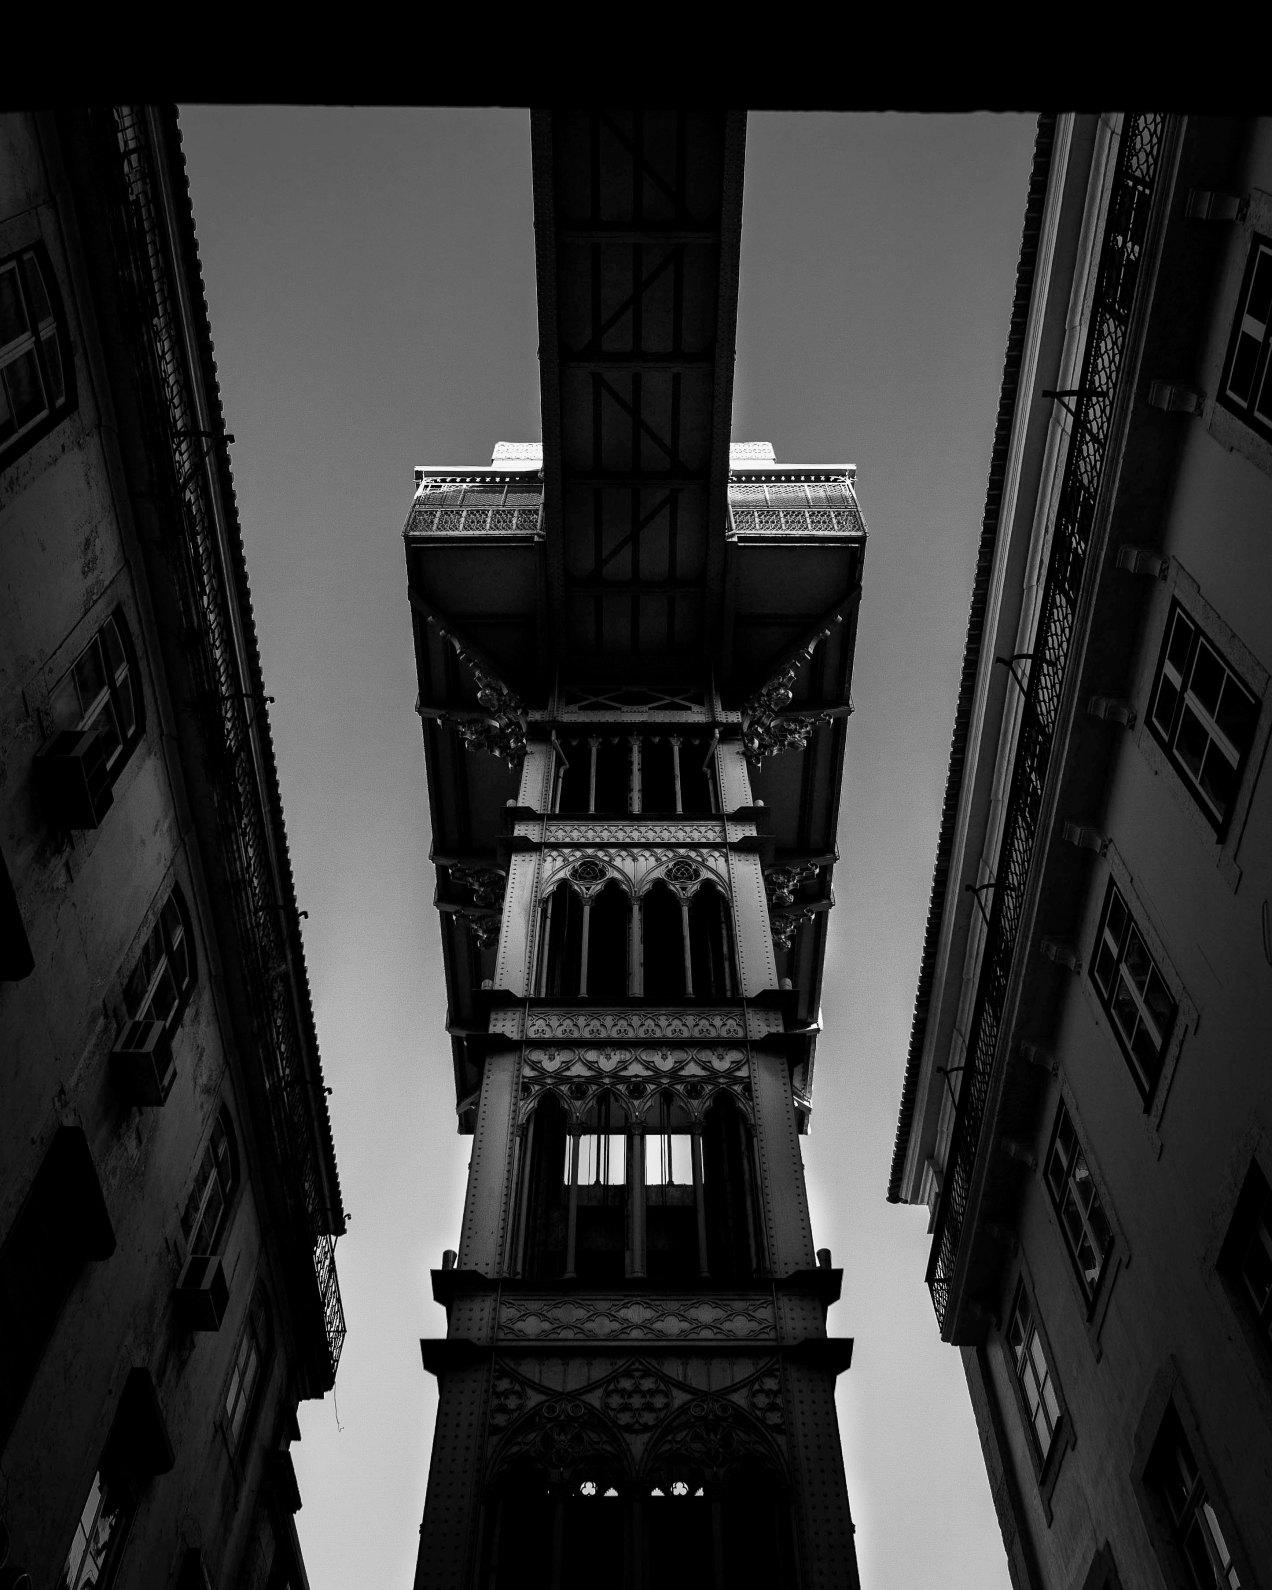 Ascenseur de Santa Justa, Lisbonne, gildalliere, 2007